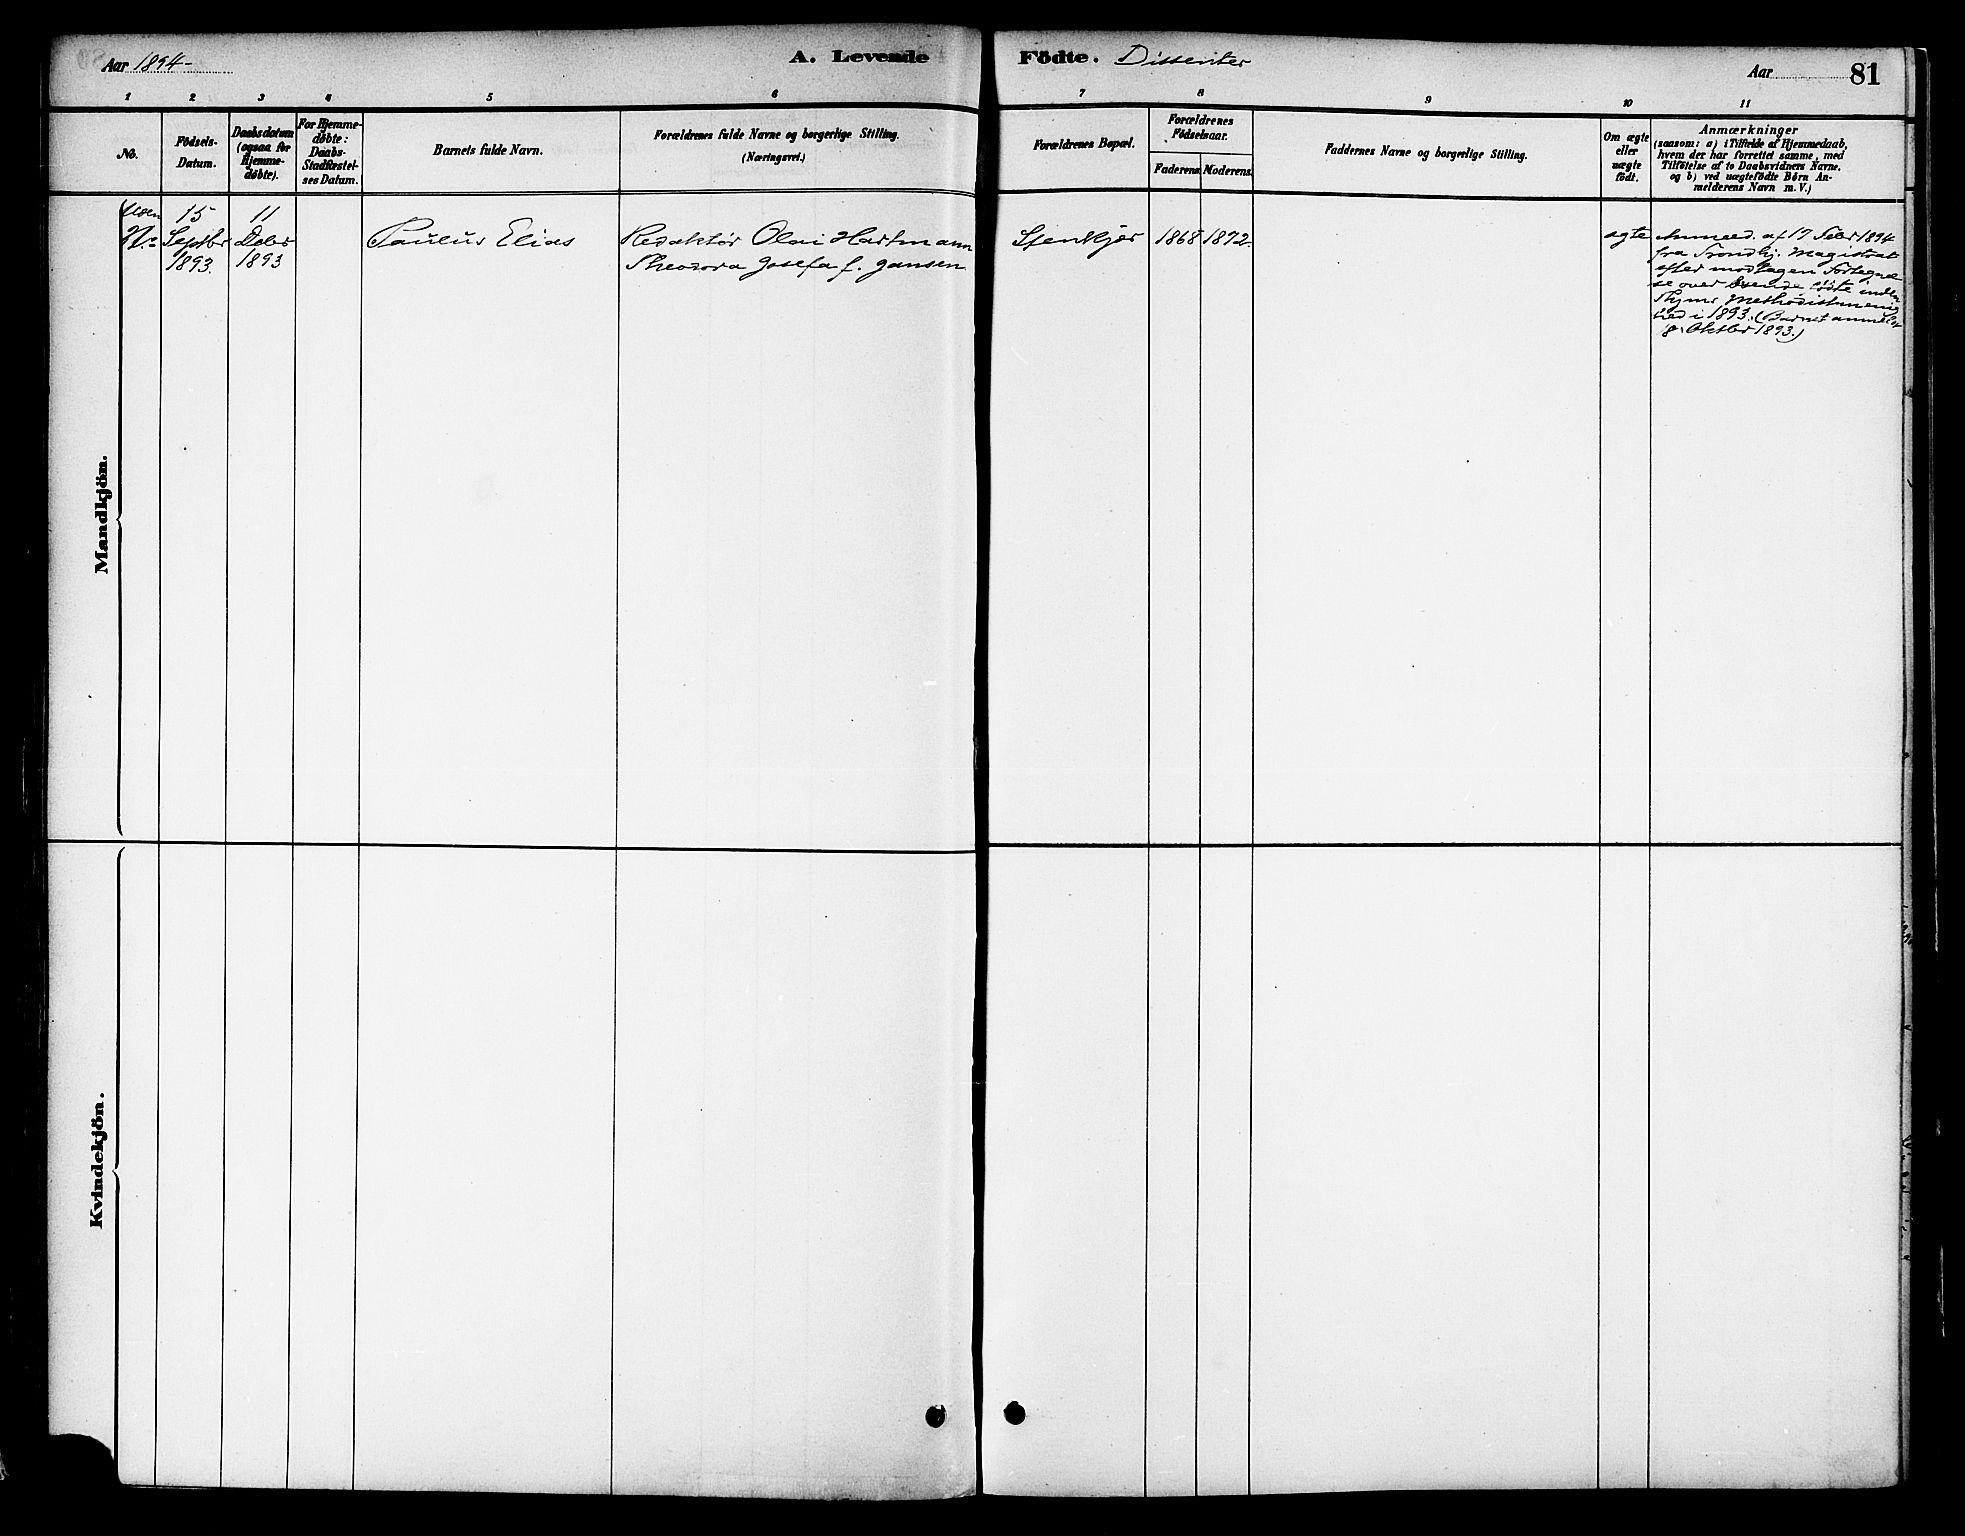 SAT, Ministerialprotokoller, klokkerbøker og fødselsregistre - Nord-Trøndelag, 739/L0371: Ministerialbok nr. 739A03, 1881-1895, s. 81